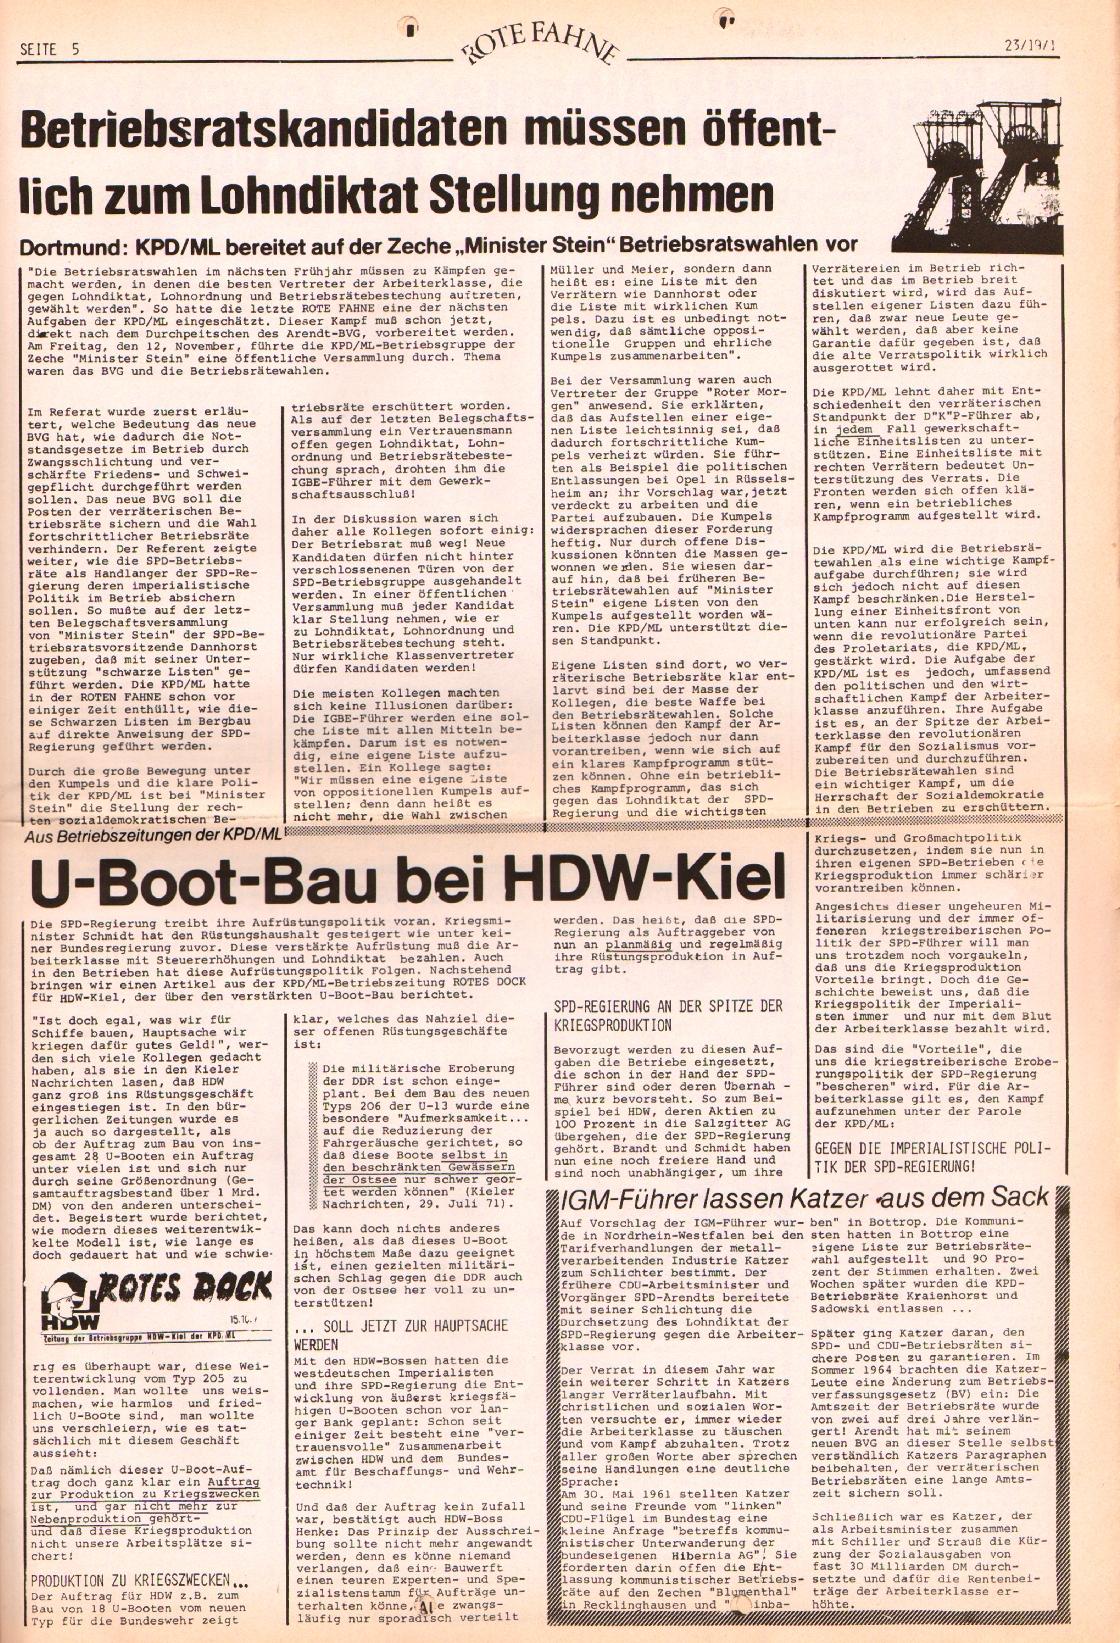 Rote Fahne, 2. Jg., 22.11.1971, Nr. 23, Seite 5